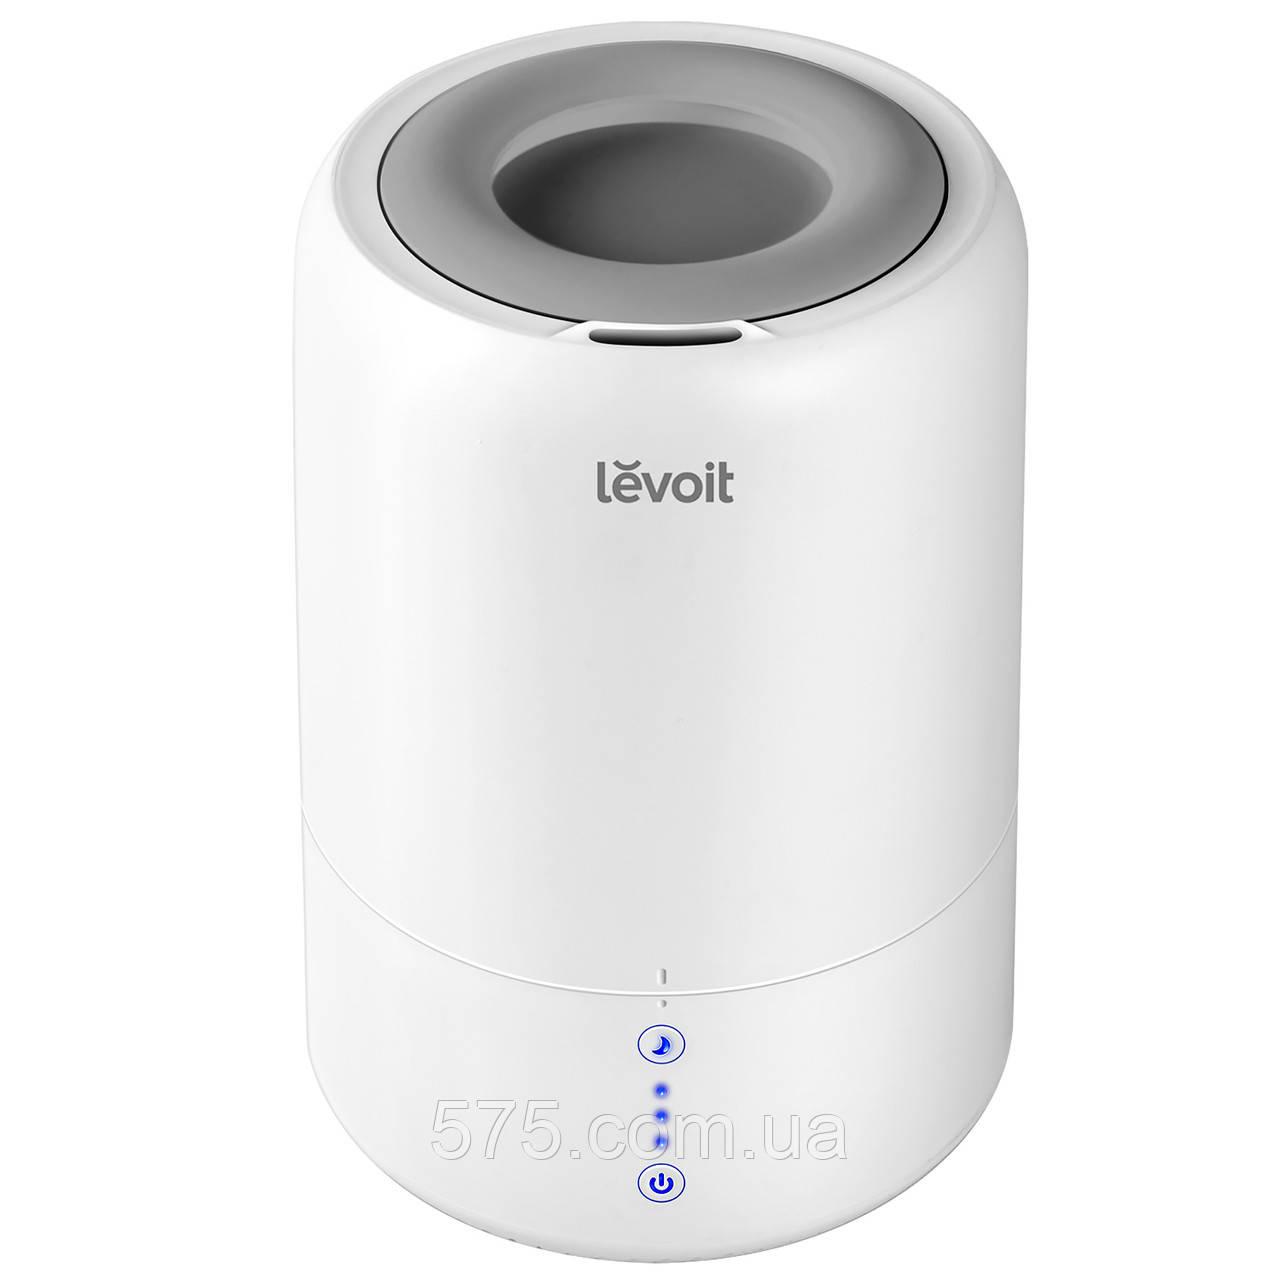 Levoit Dual 100 Ультразвуковой увлажнитель и диффузор 2-в-1